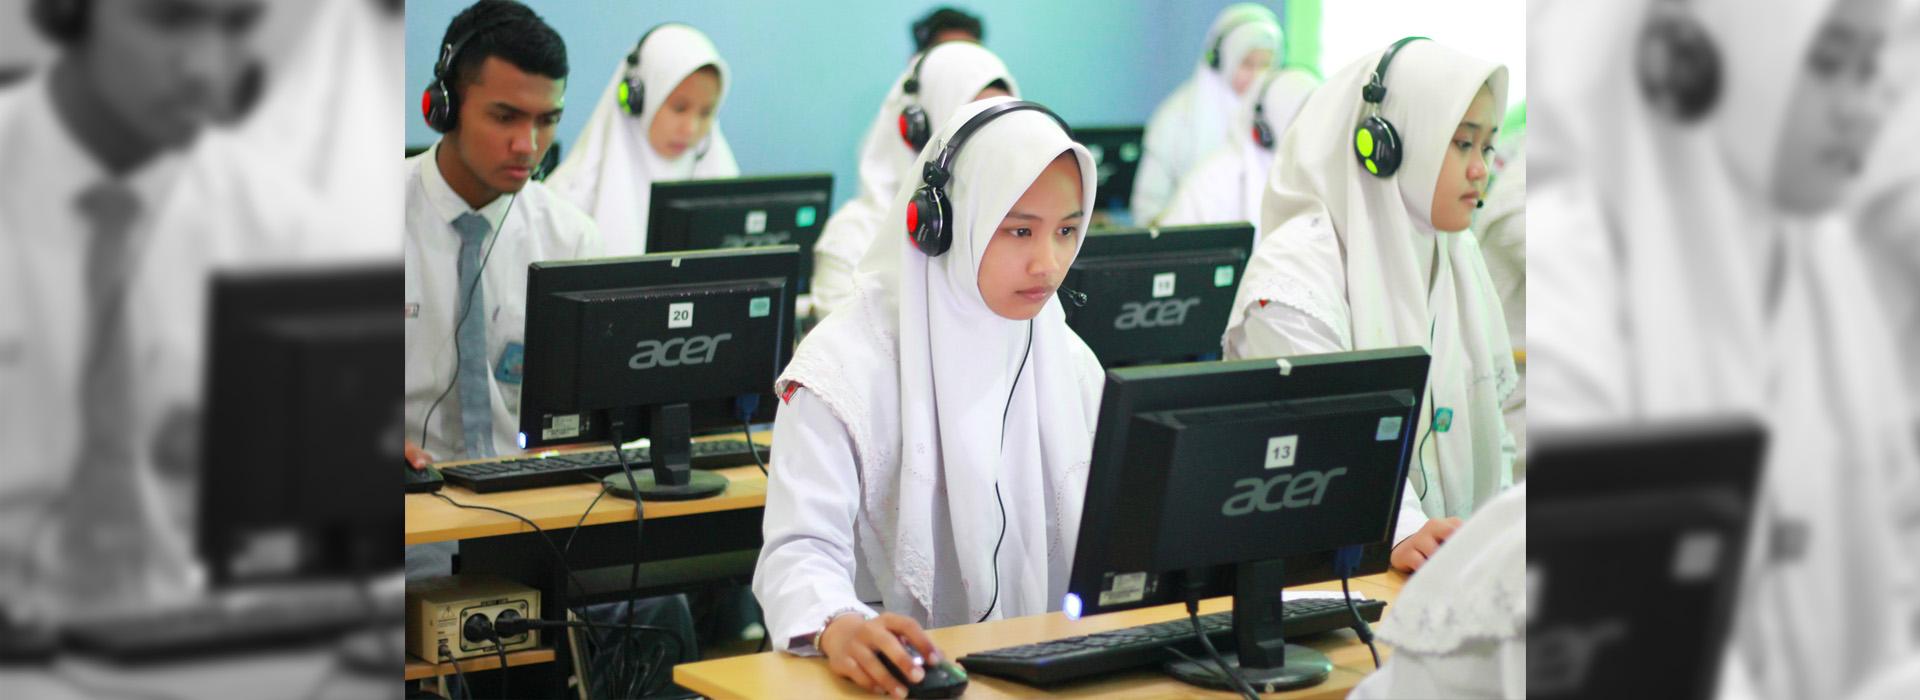 Jadwal Ujian Mid Semester Ganjil 2017-2018